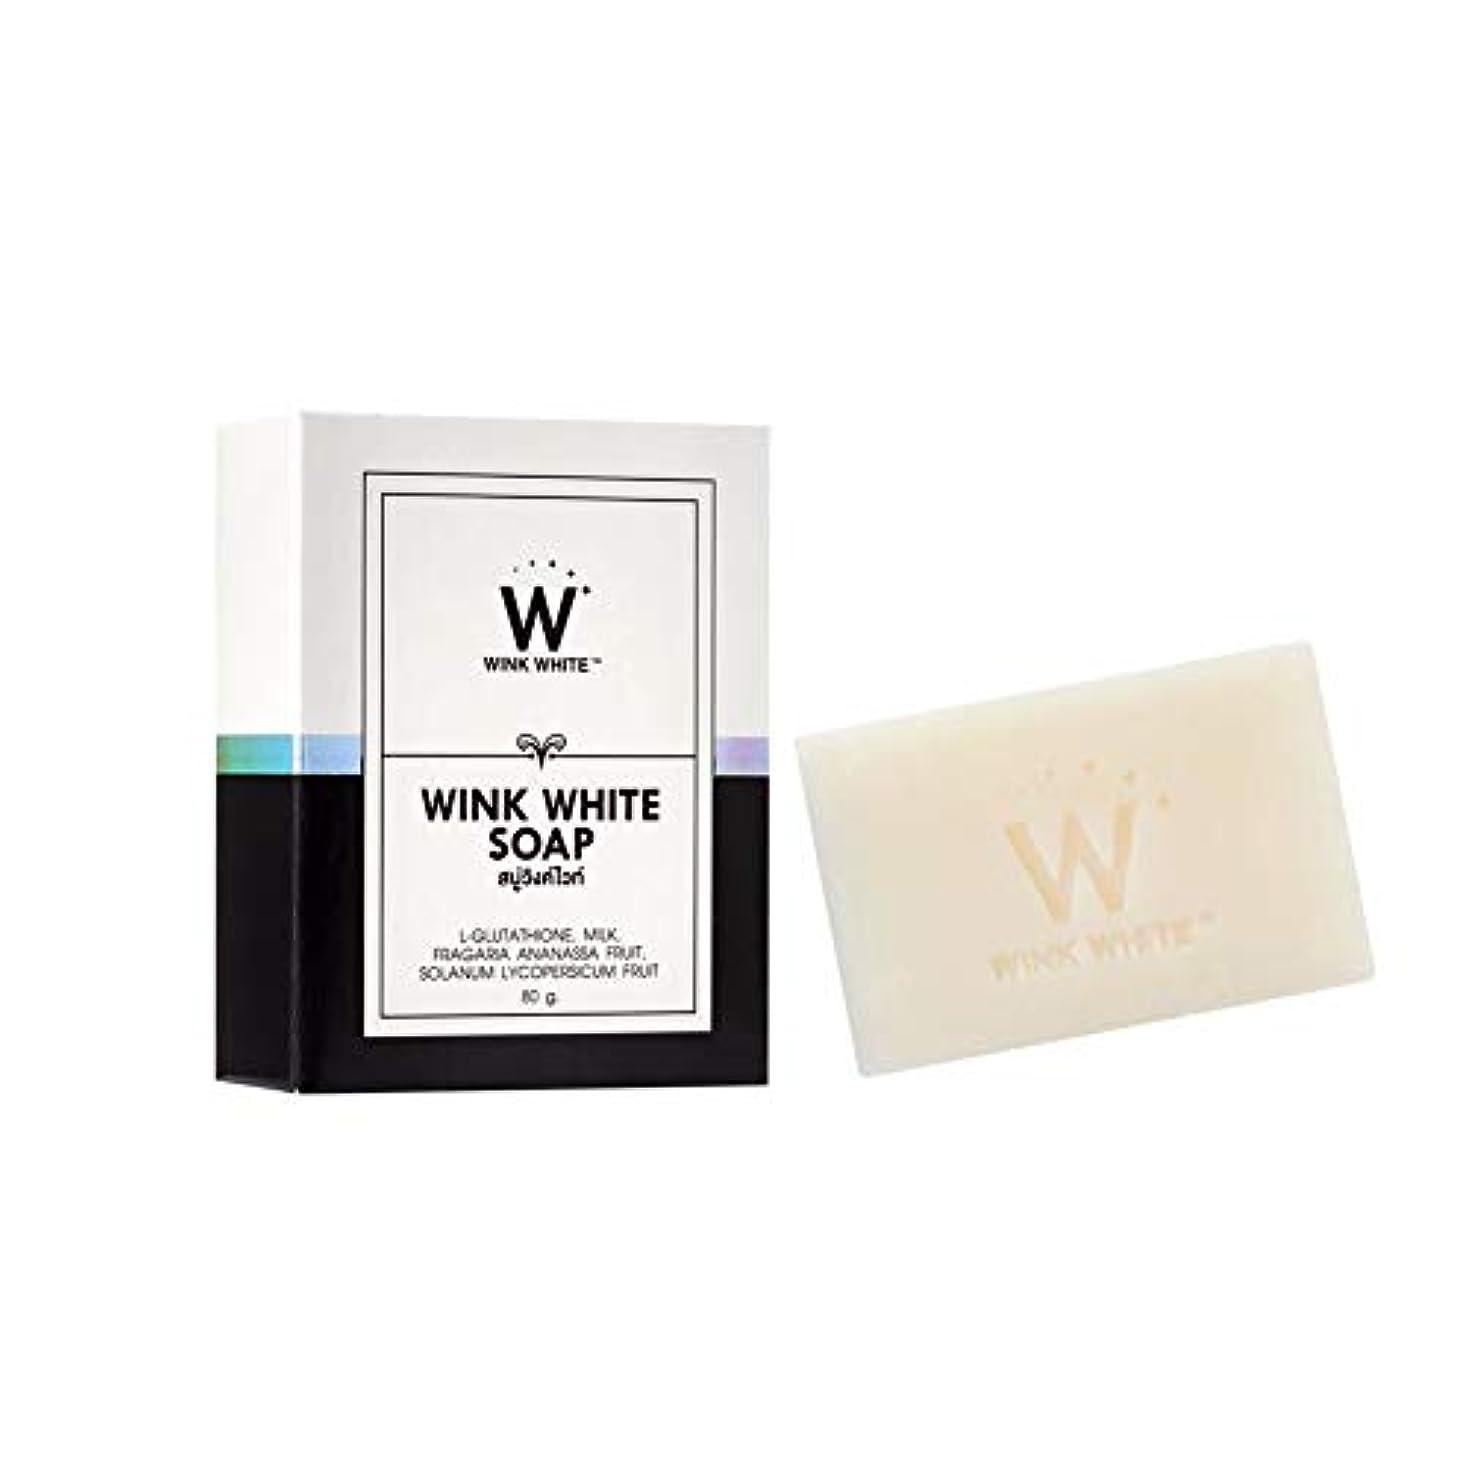 ミット余計なロンドンSoap Net Nature White Soap Base Wink White Soap Gluta Pure Skin Body Whitening Strawberry for Whitening Skin All...